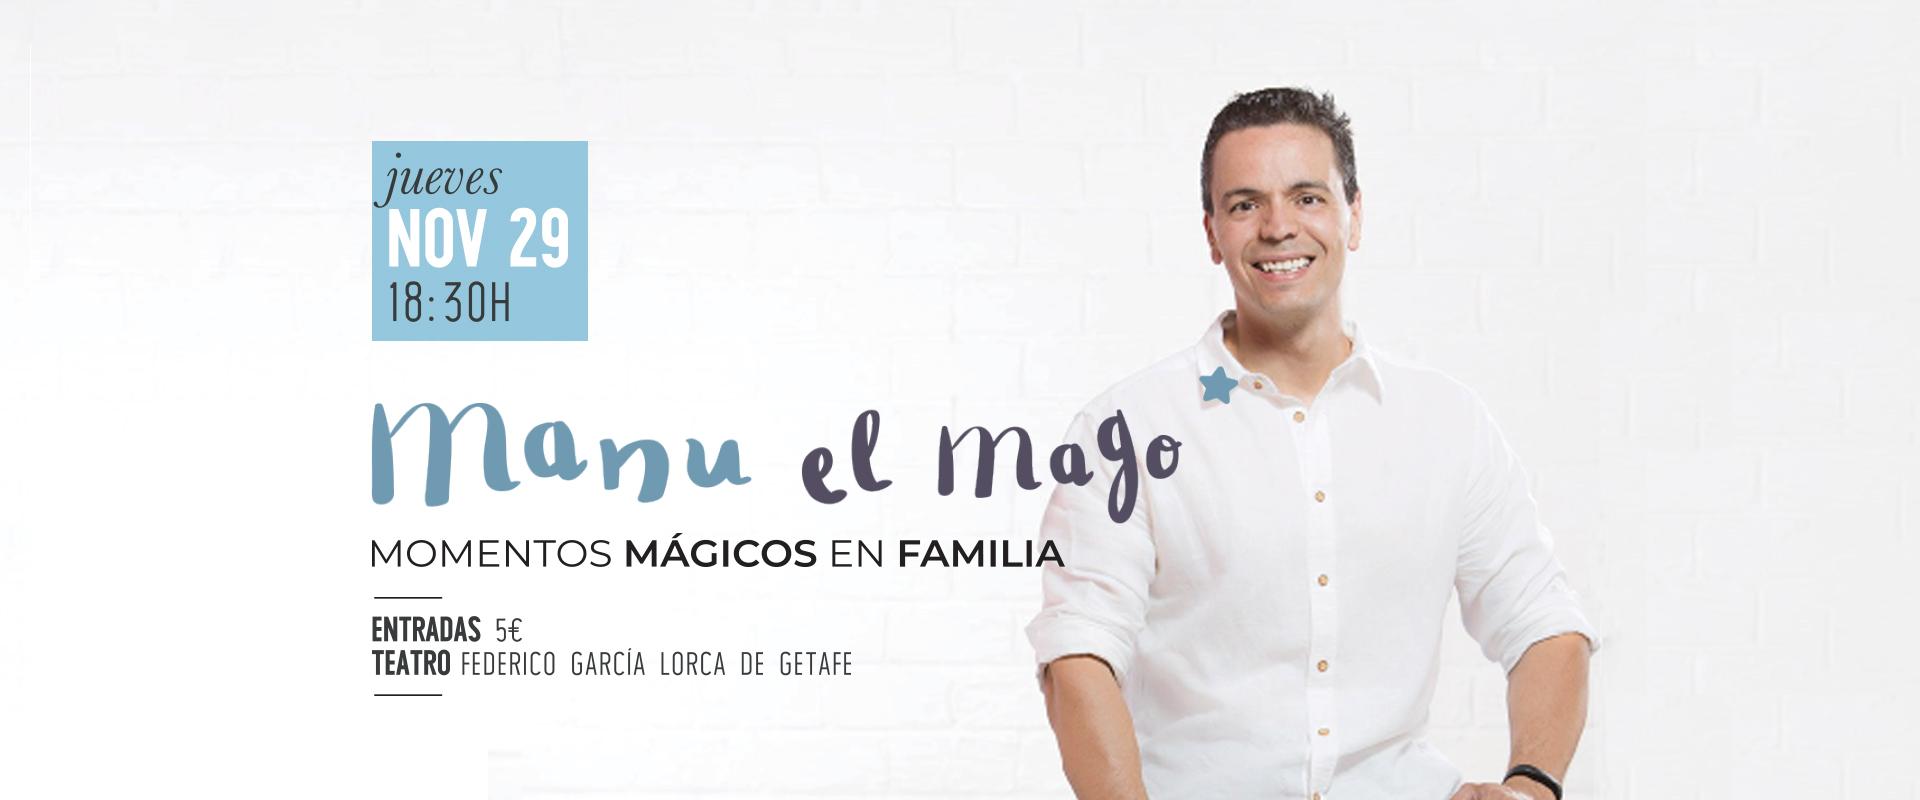 El espectáculo de magia de Manu, el Mago